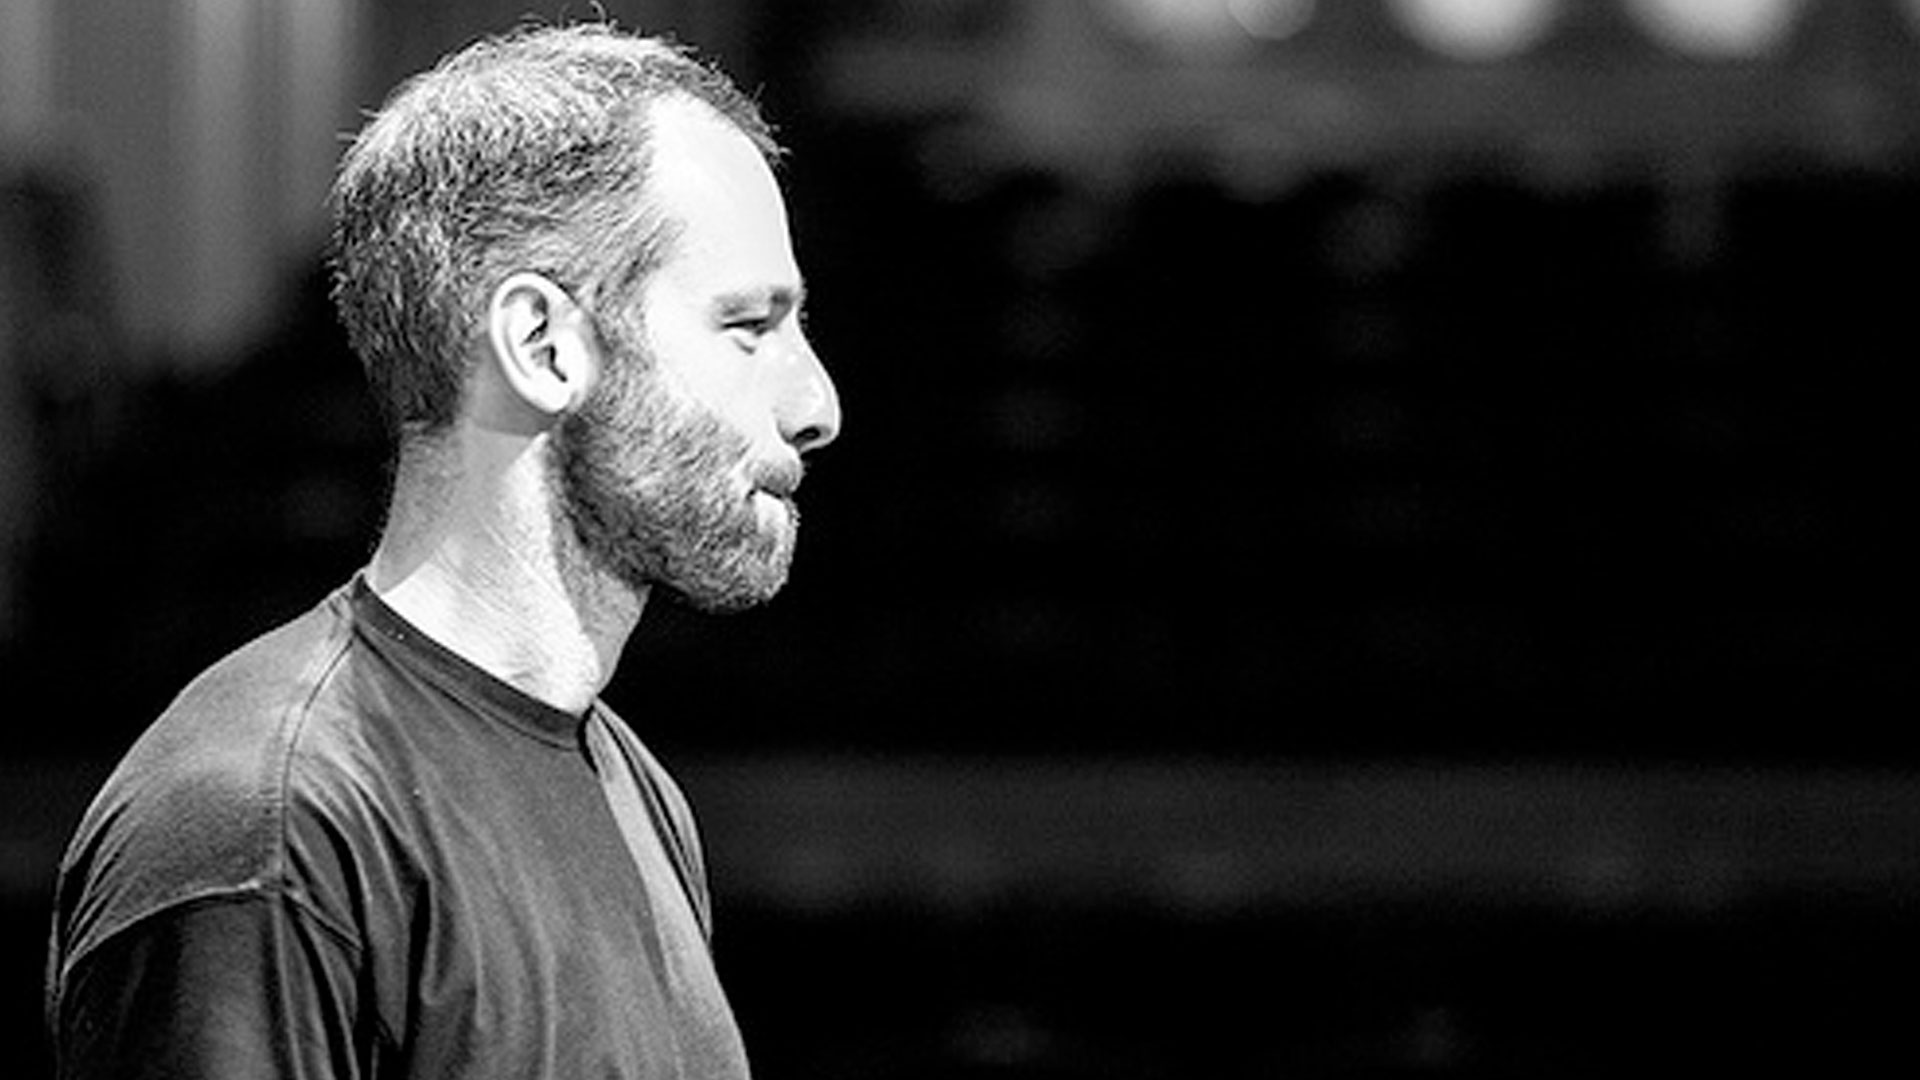 El director de orquesta de origen ruso Dima Slobodeniouk será el nuevo director musical de la Sinfónica de Galicia desde la temporada 2013-14